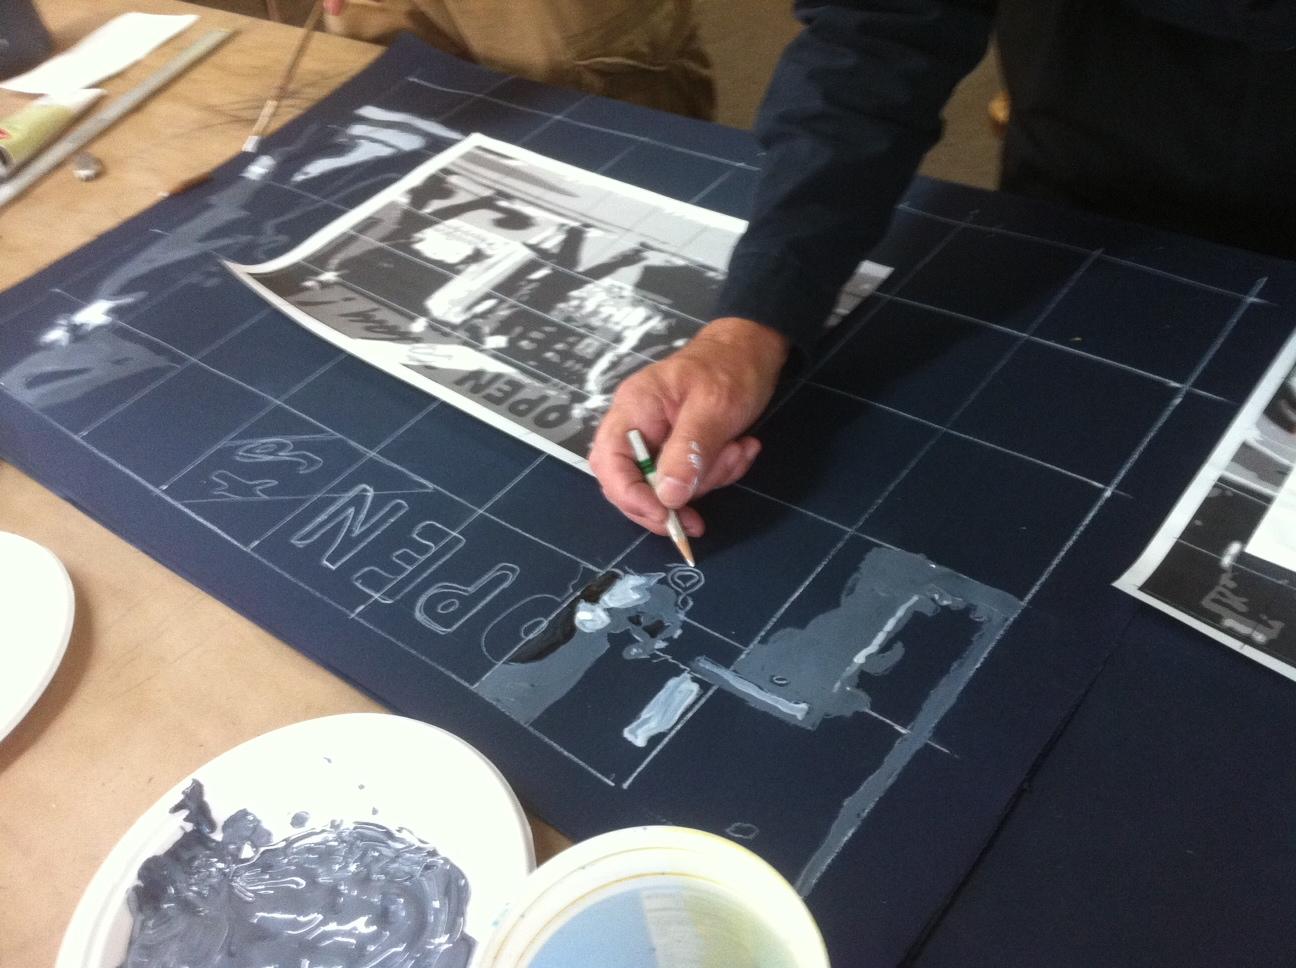 ...preparing to execute the design...